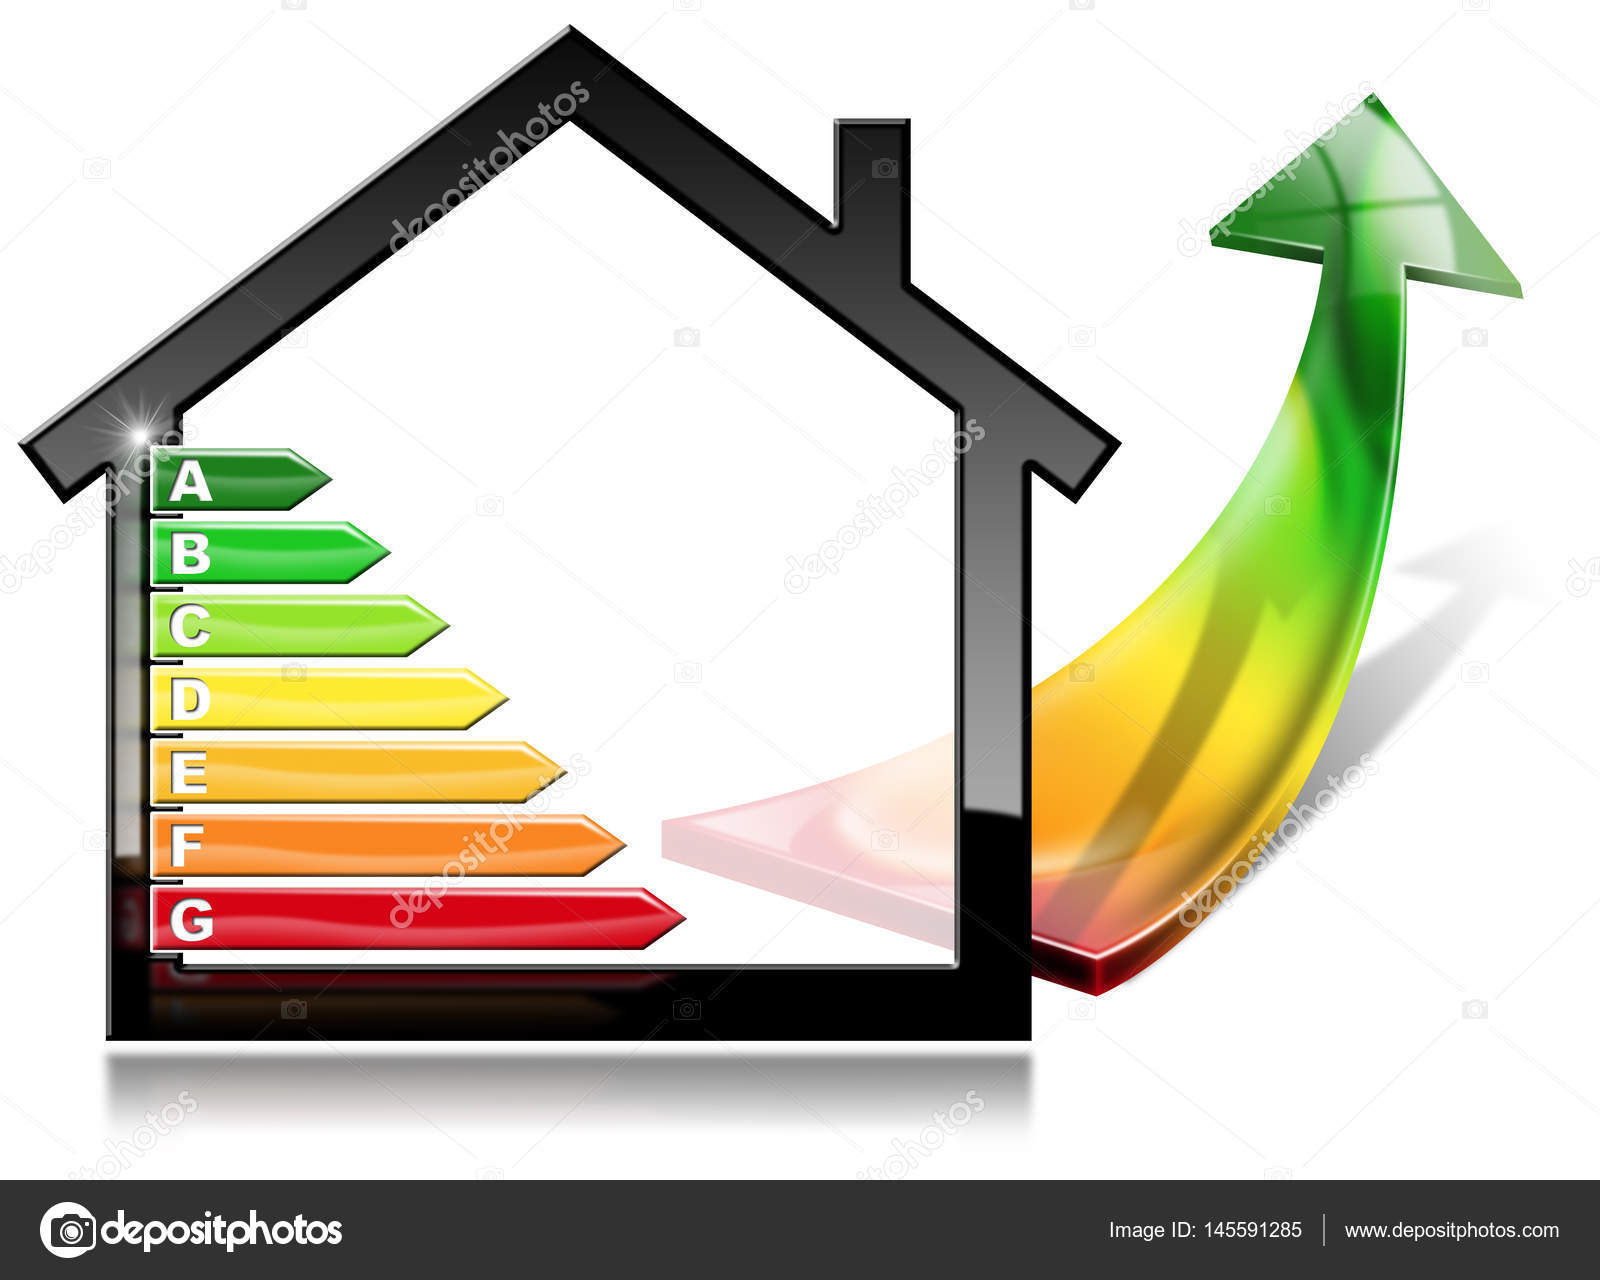 efficacité énergétique - maison avec économie d'énergie